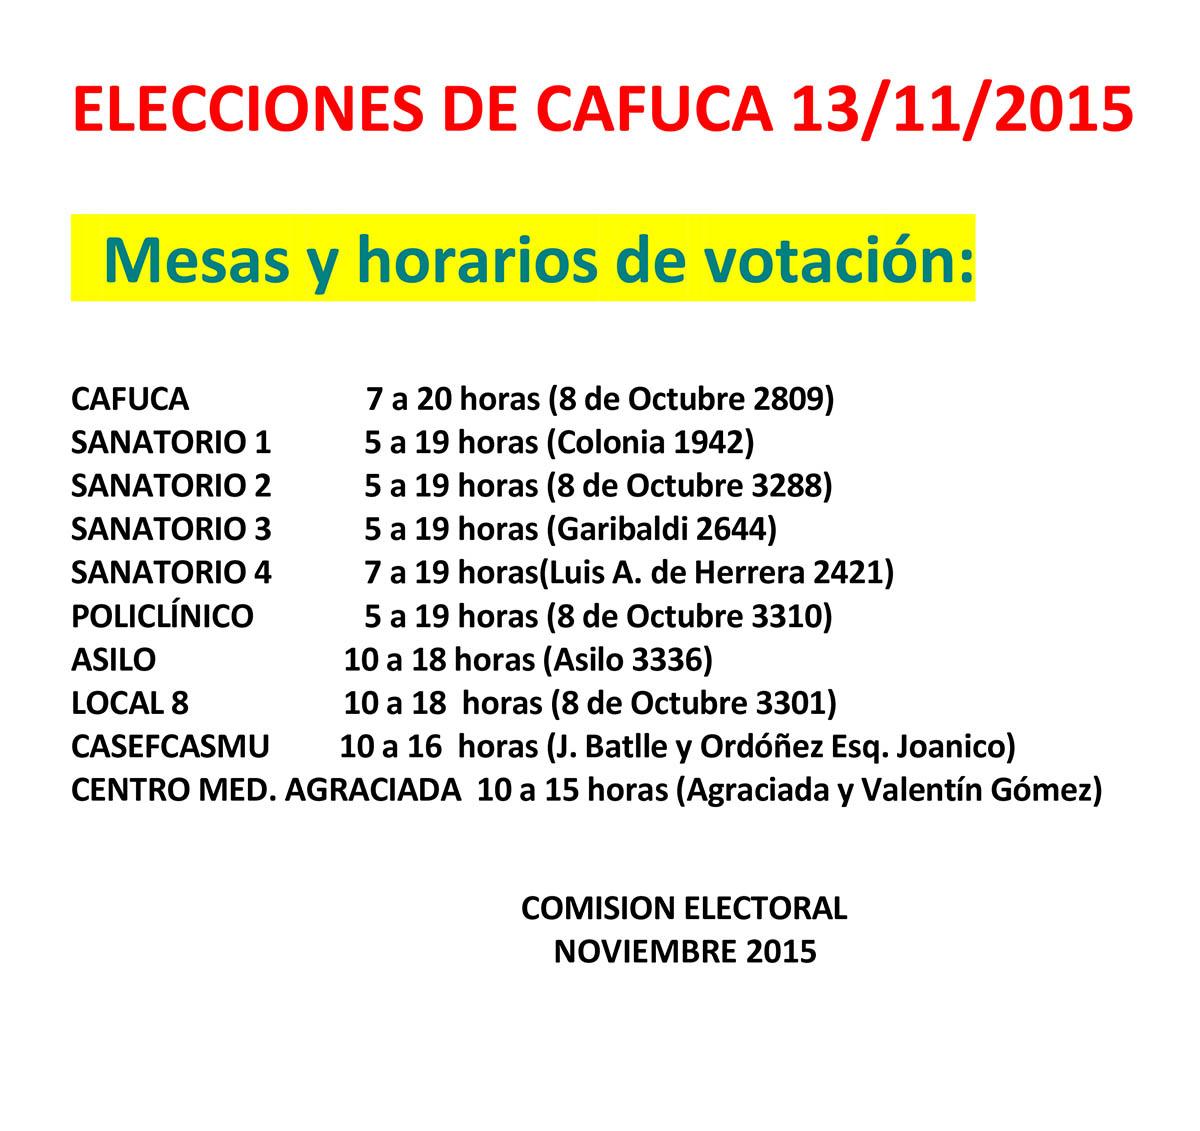 ELECCIONES DE CAFUCA 13/11/15